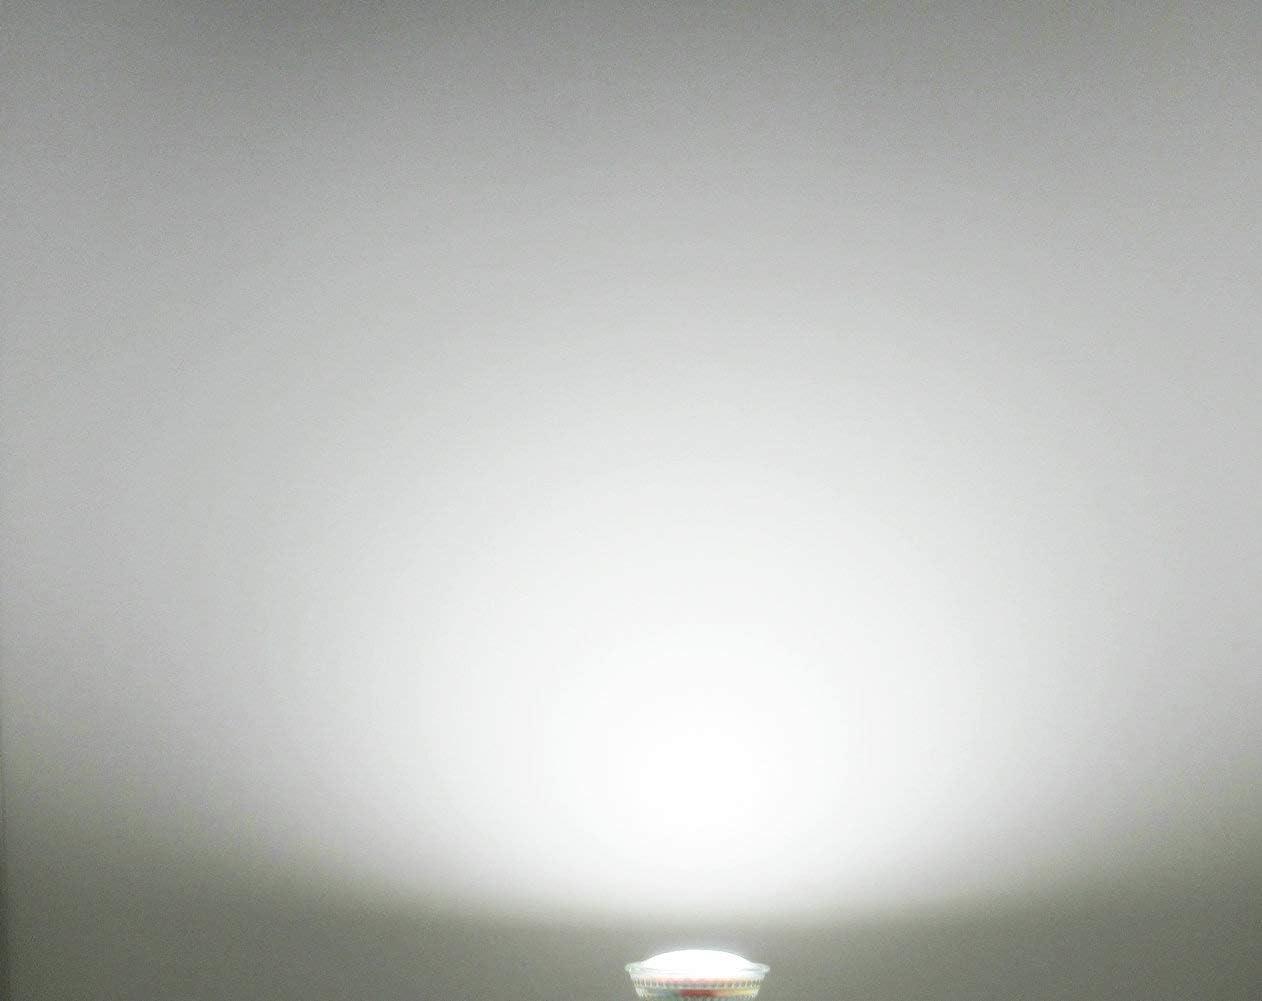 10-Pack,Full Glass GU10 LED Bulbs,5000K Daylight,Spot Light LED 5W 35W-50W Halogen Lights,450LM,Indoor Lighting GU10 LED Bright White Flood Light,120V,130-Degree Wide Beam Angle